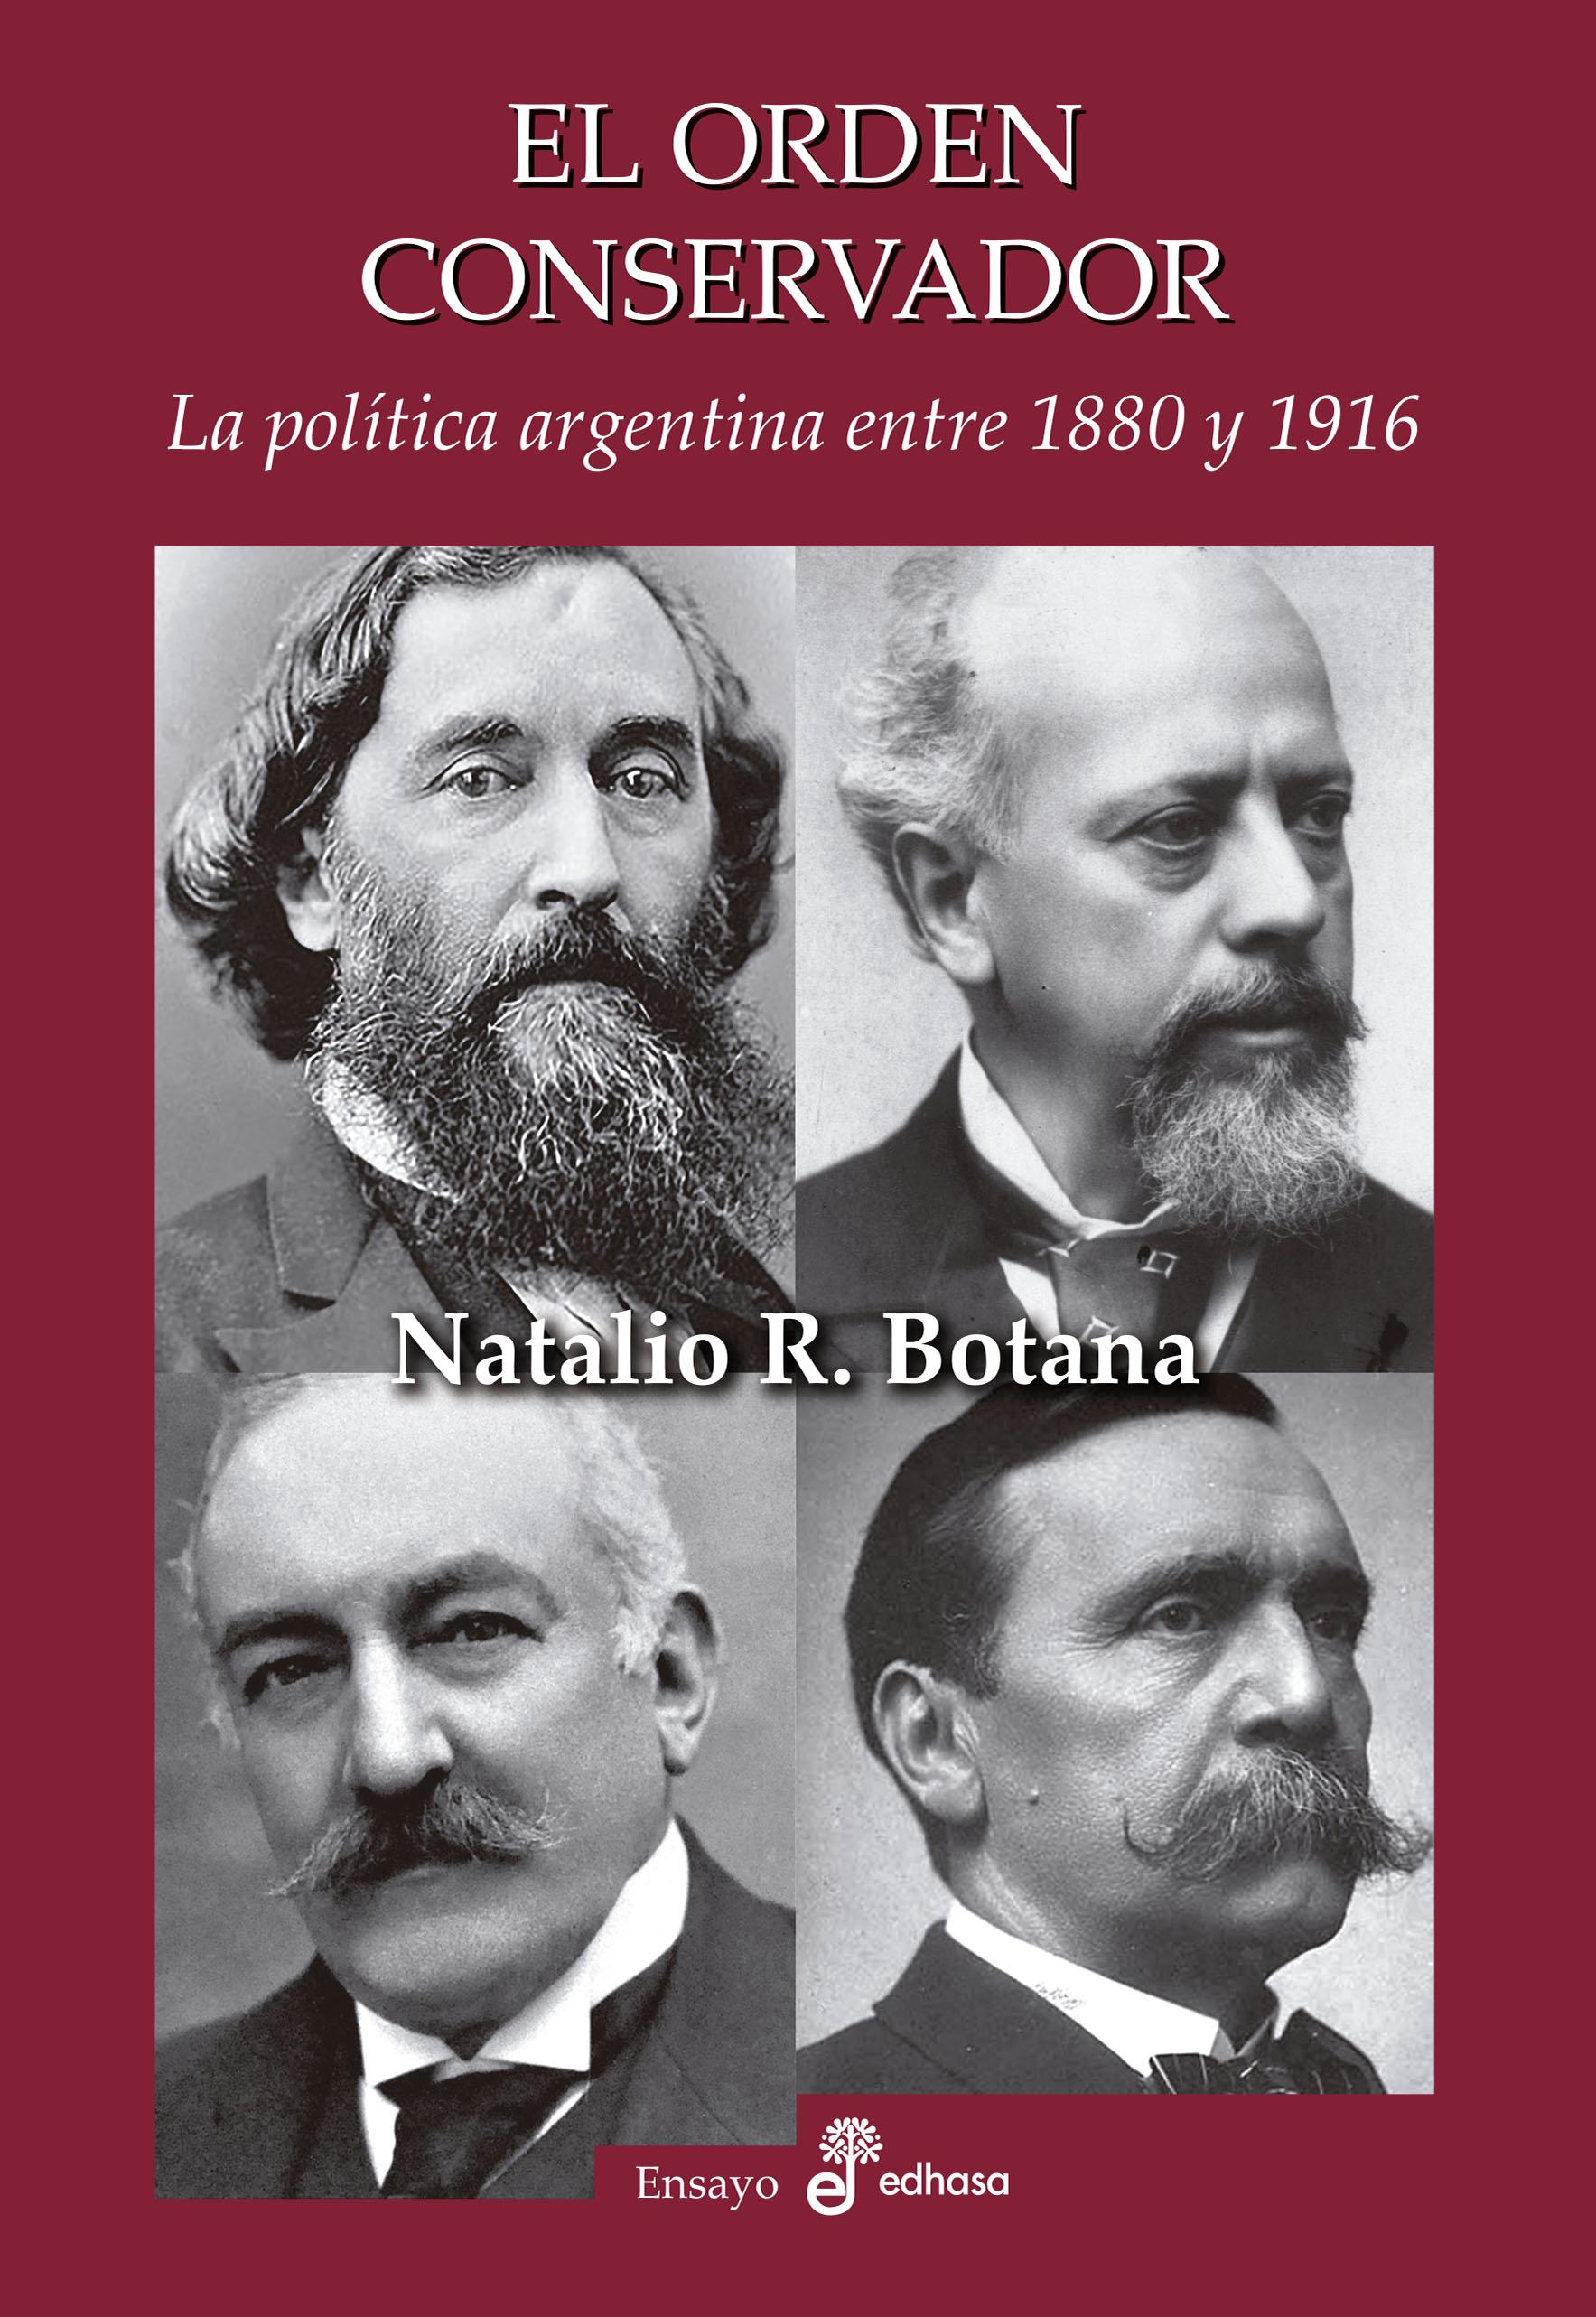 El orden conservador - Botana Natalio R.